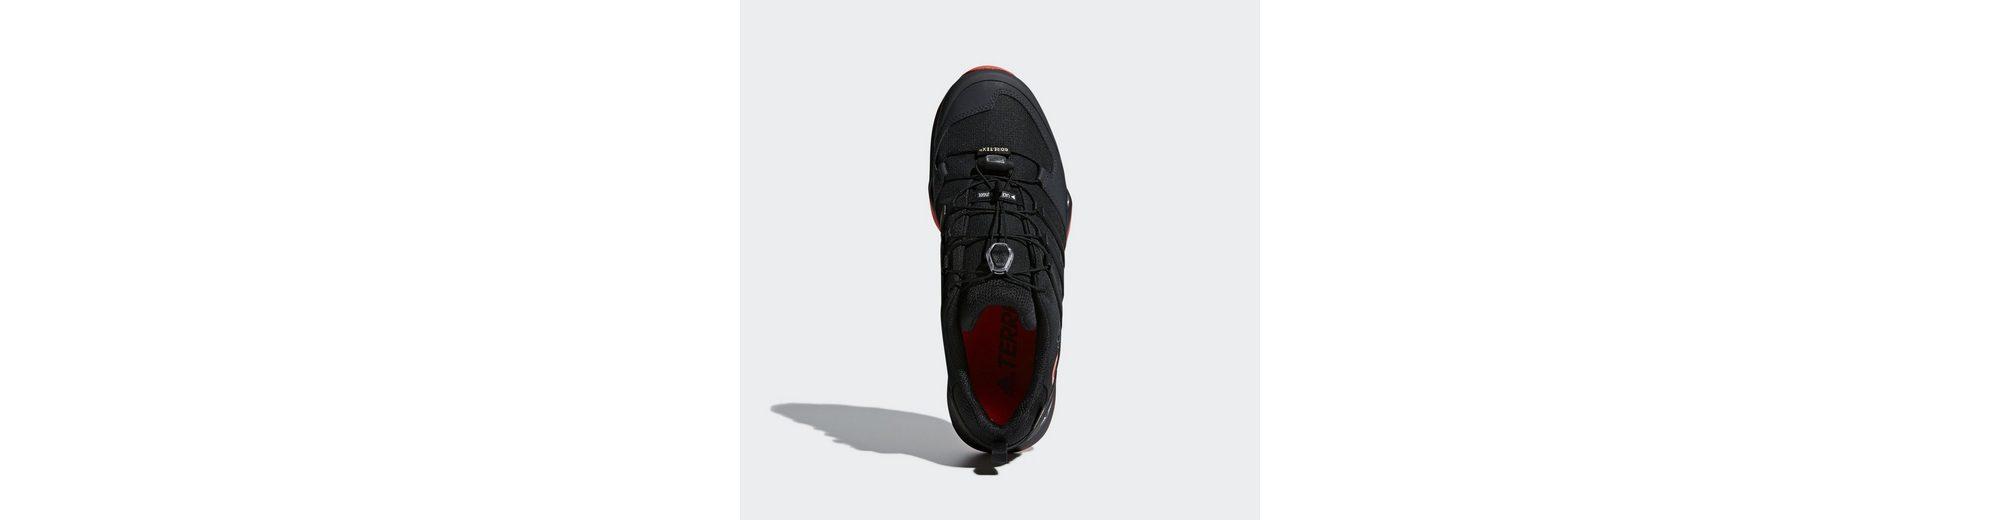 adidas Performance TERREX Swift R2 GTX Schuh Outdoorschuh Niedrige Versandgebühr Günstiger Preis Billig 2018 Speichern Günstigen Preis Spielraum Angebote Freie Versandpreise l7pUNWH